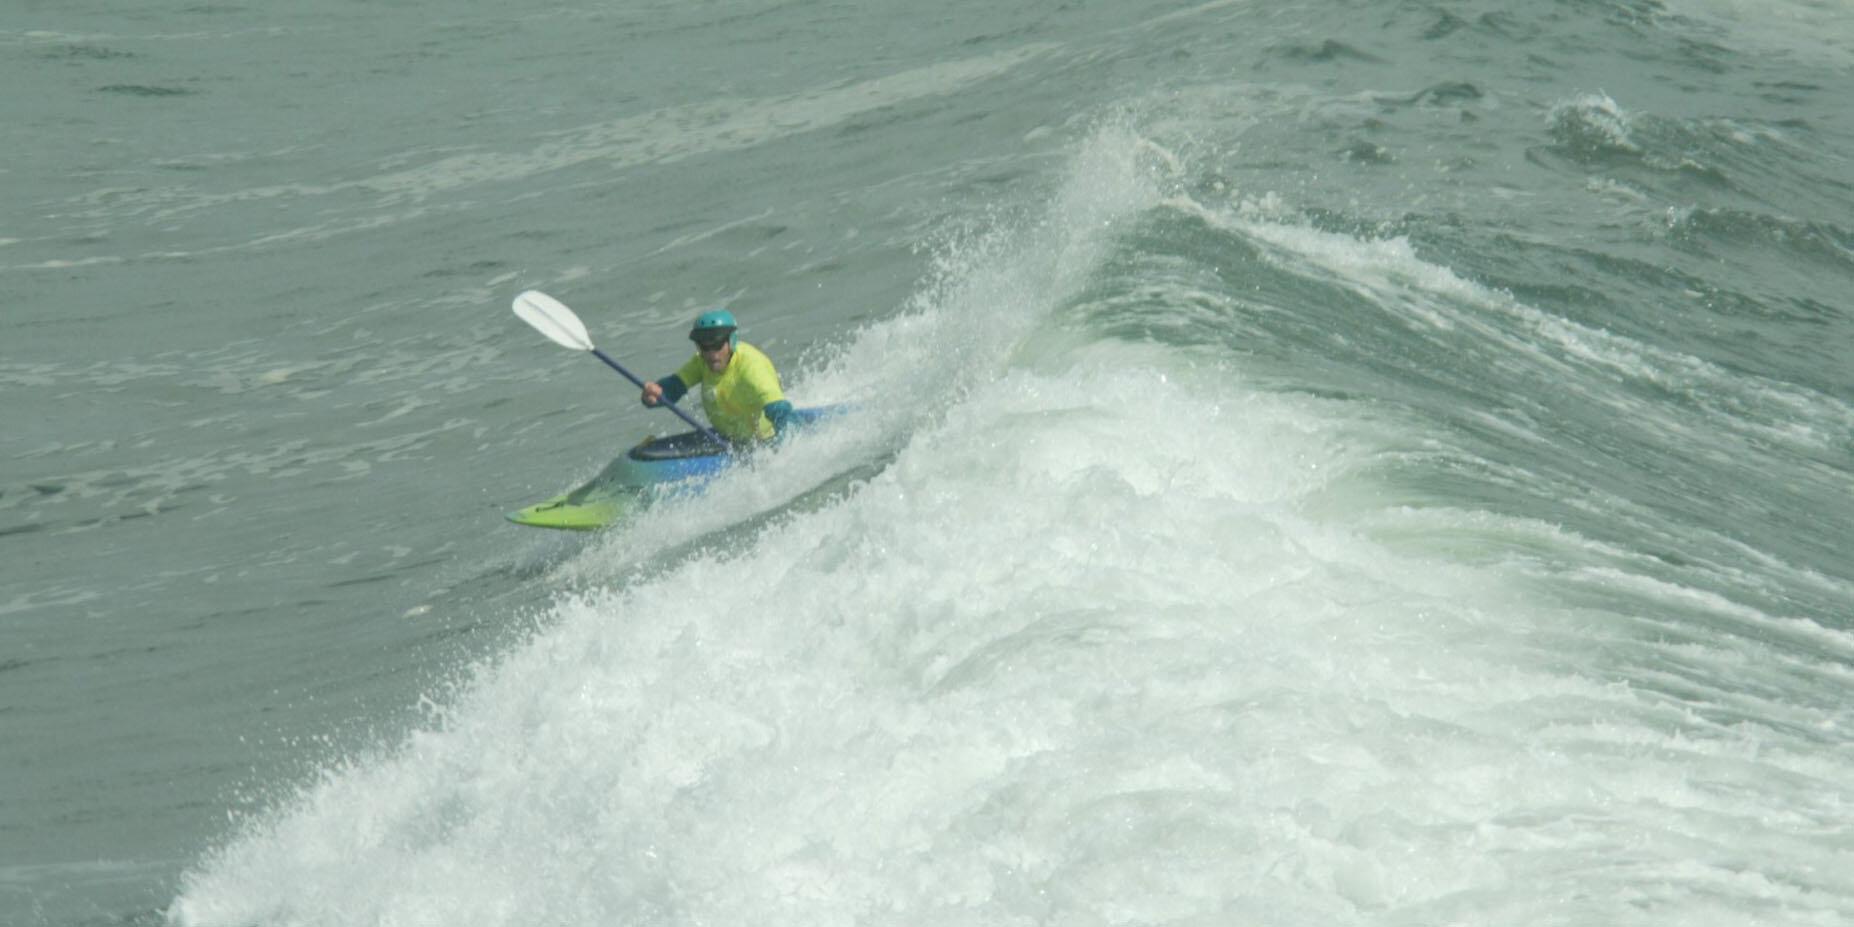 Former whitewater rafting guide Drew Meyer still loves white water.